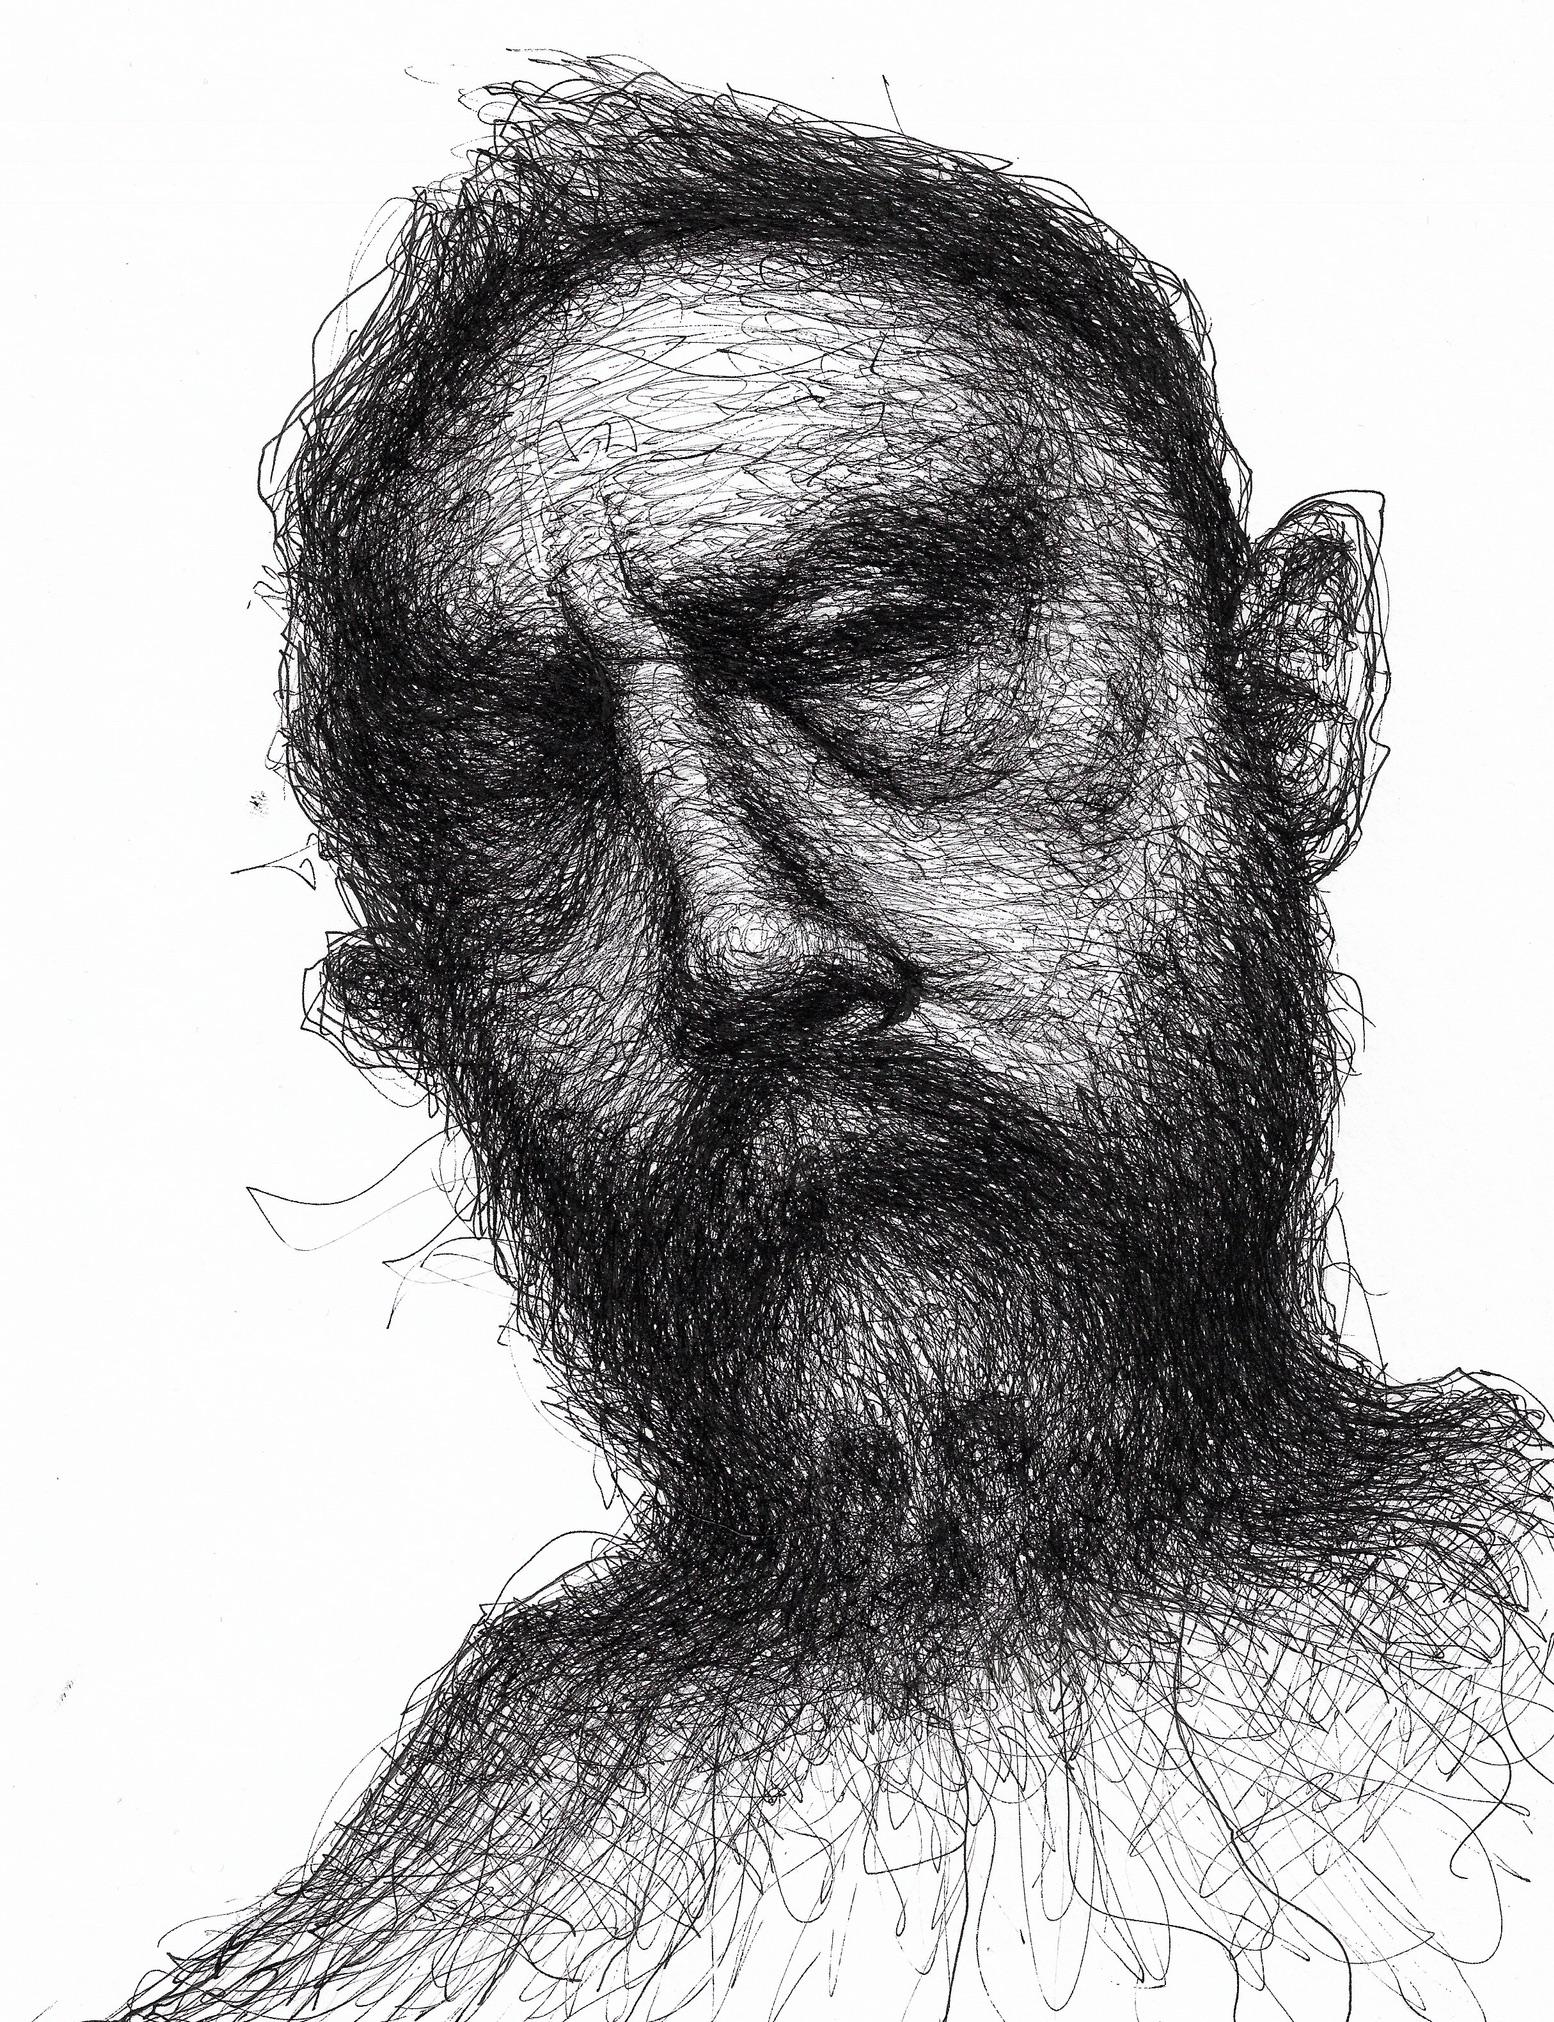 Self Portrait, 2017 |Pen on paper |29.7 x 21 cm